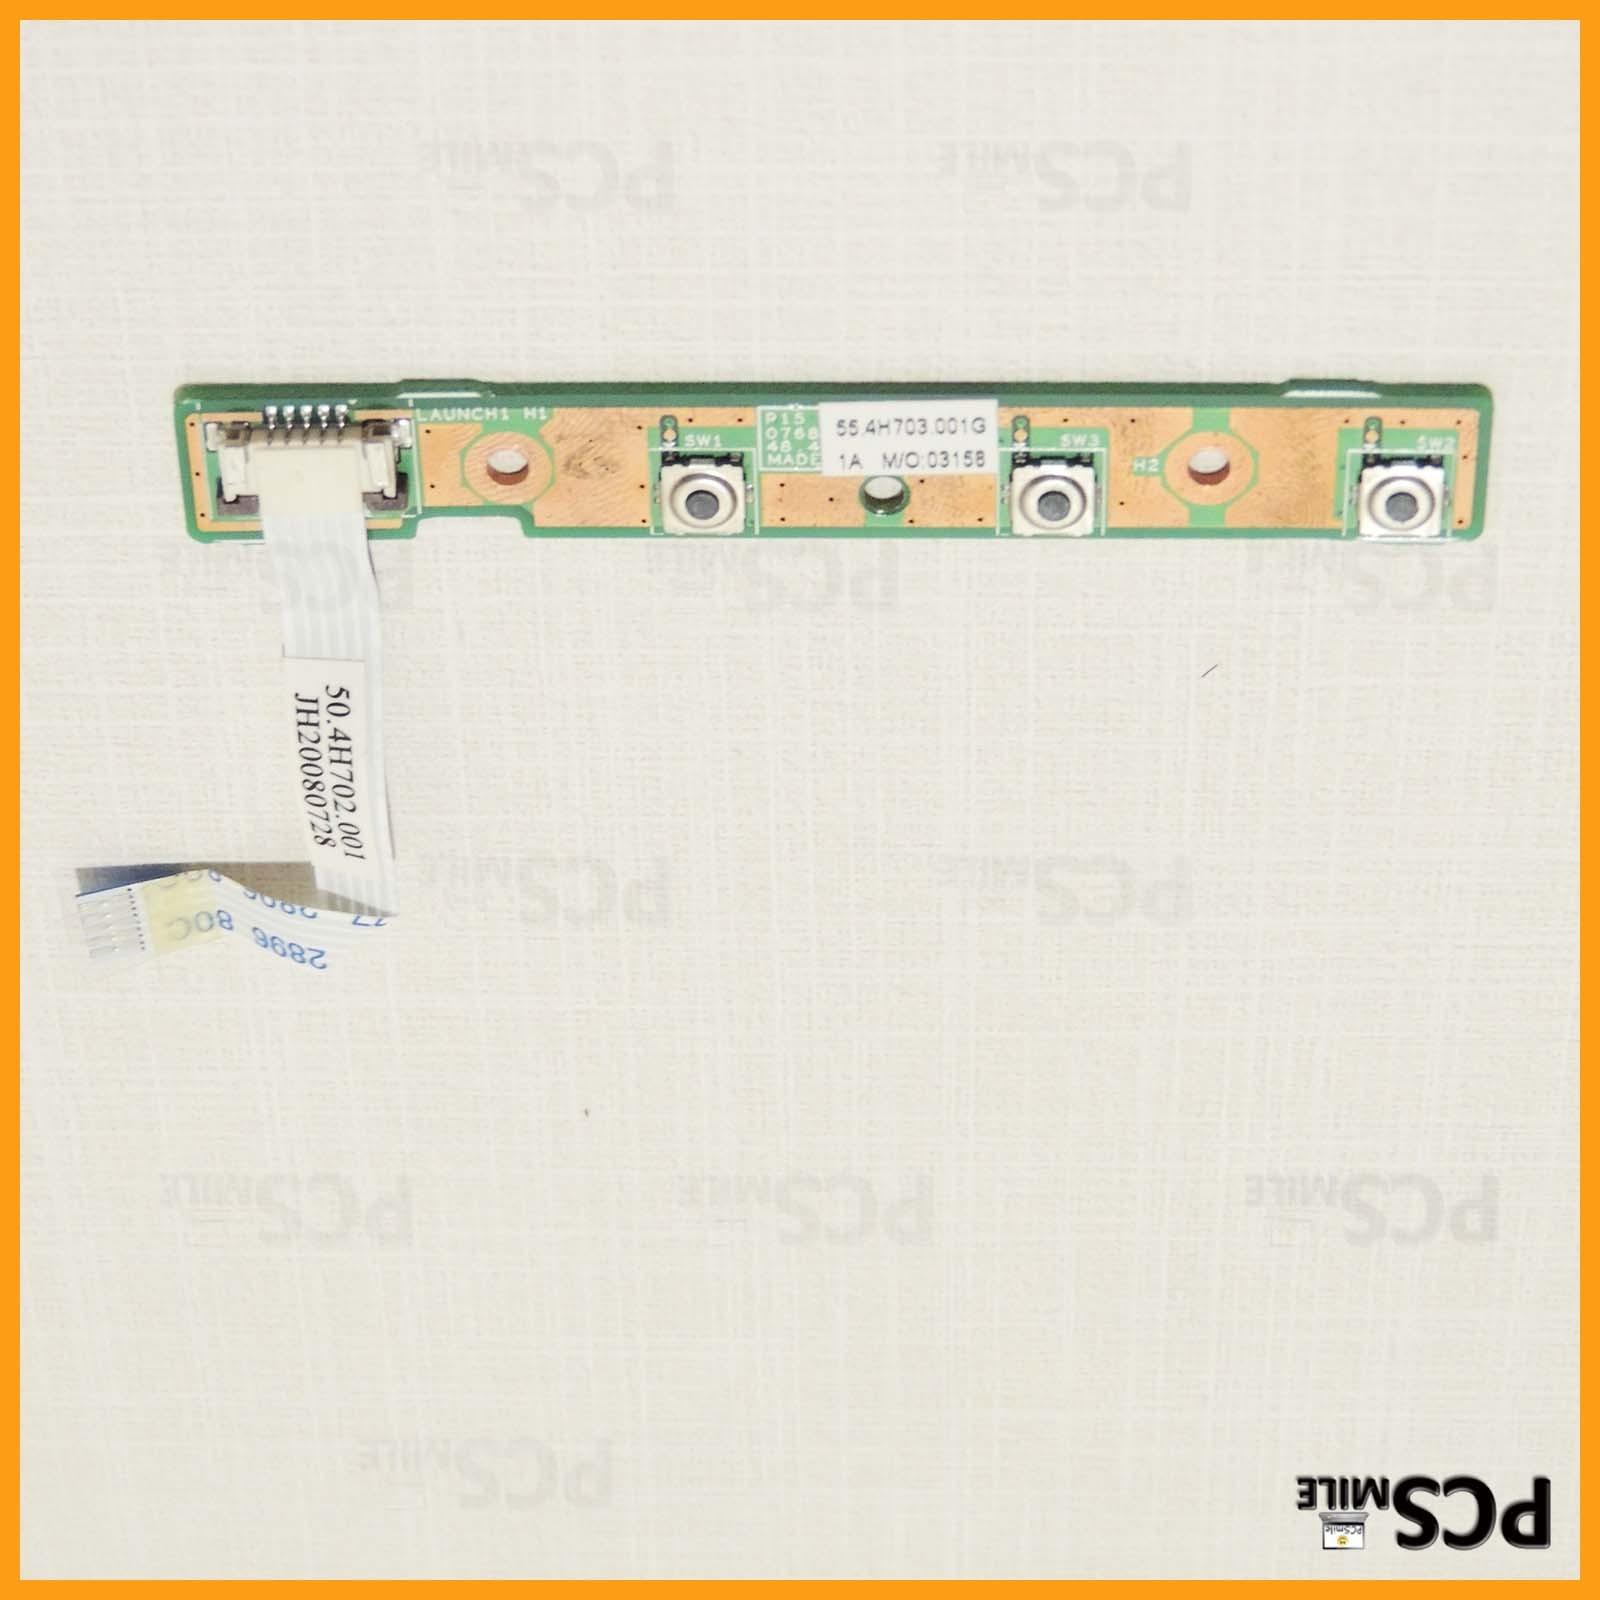 Tasti pannello multimediale Amilo PA 3553 MS2242 Fujitsu Siemens 48.4H703.001 55.4H703.001G